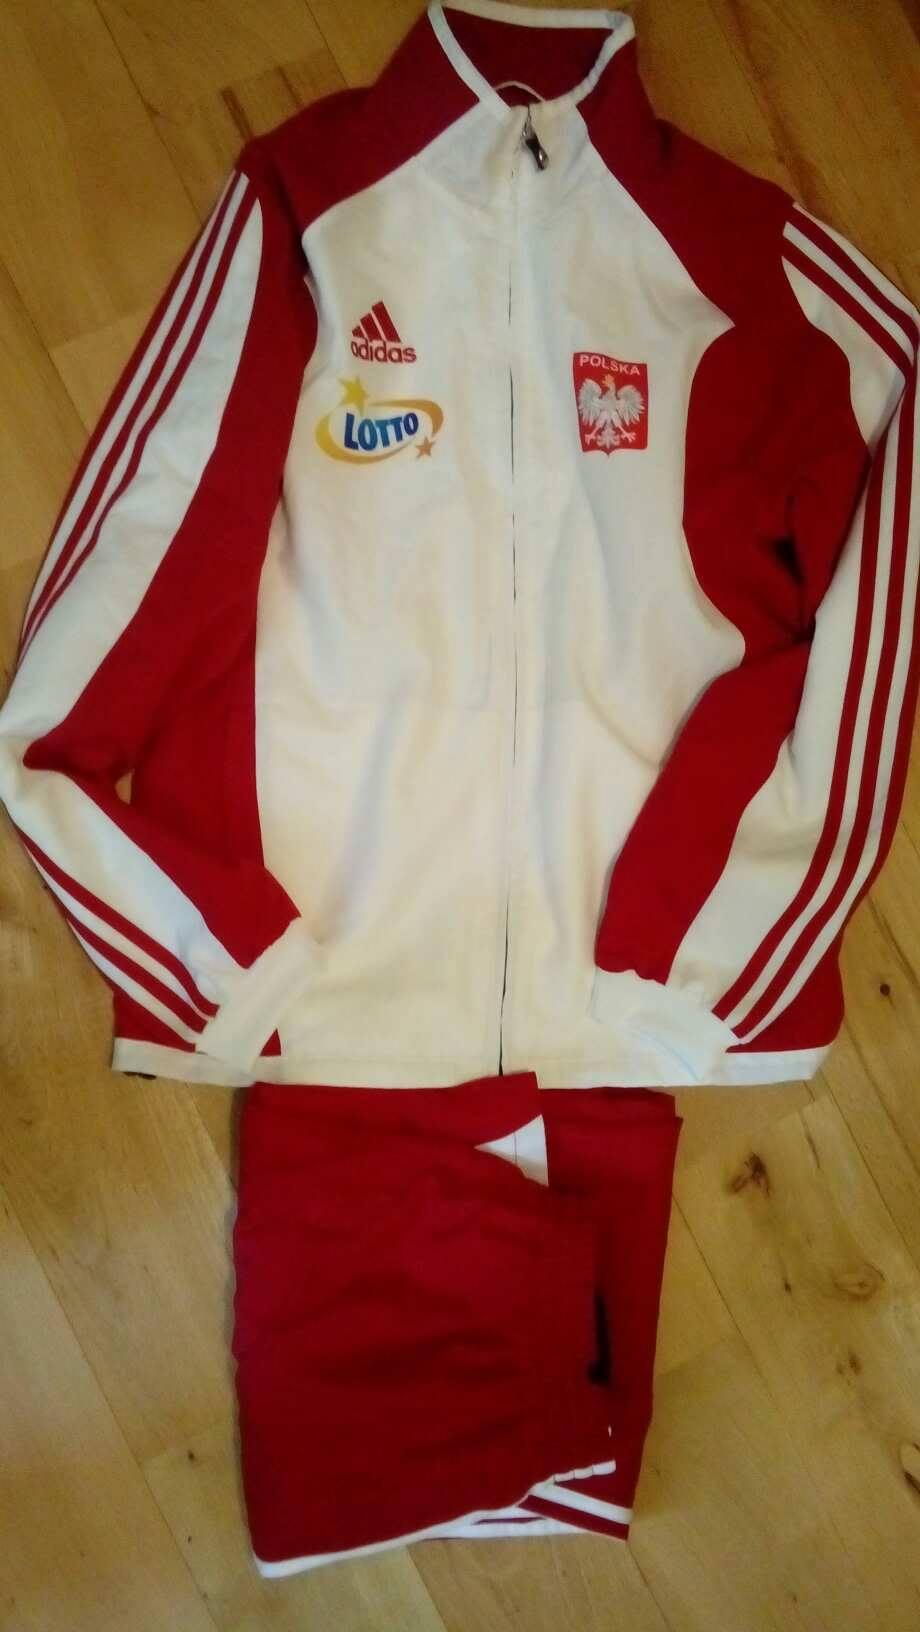 kody promocyjne nowy styl życia niska cena Oryginalny dres reprezentacji Polski Adidas S/M - 7447932674 ...